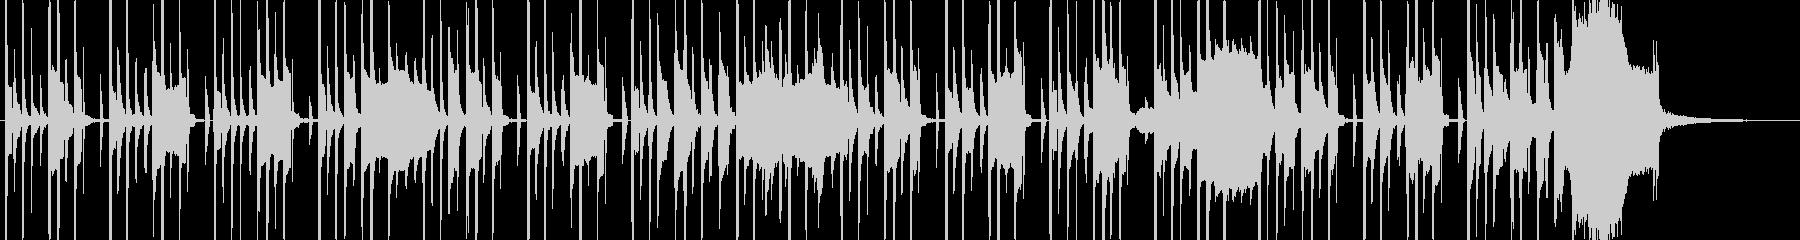 木琴とリコーダーのほのぼのBGMの未再生の波形